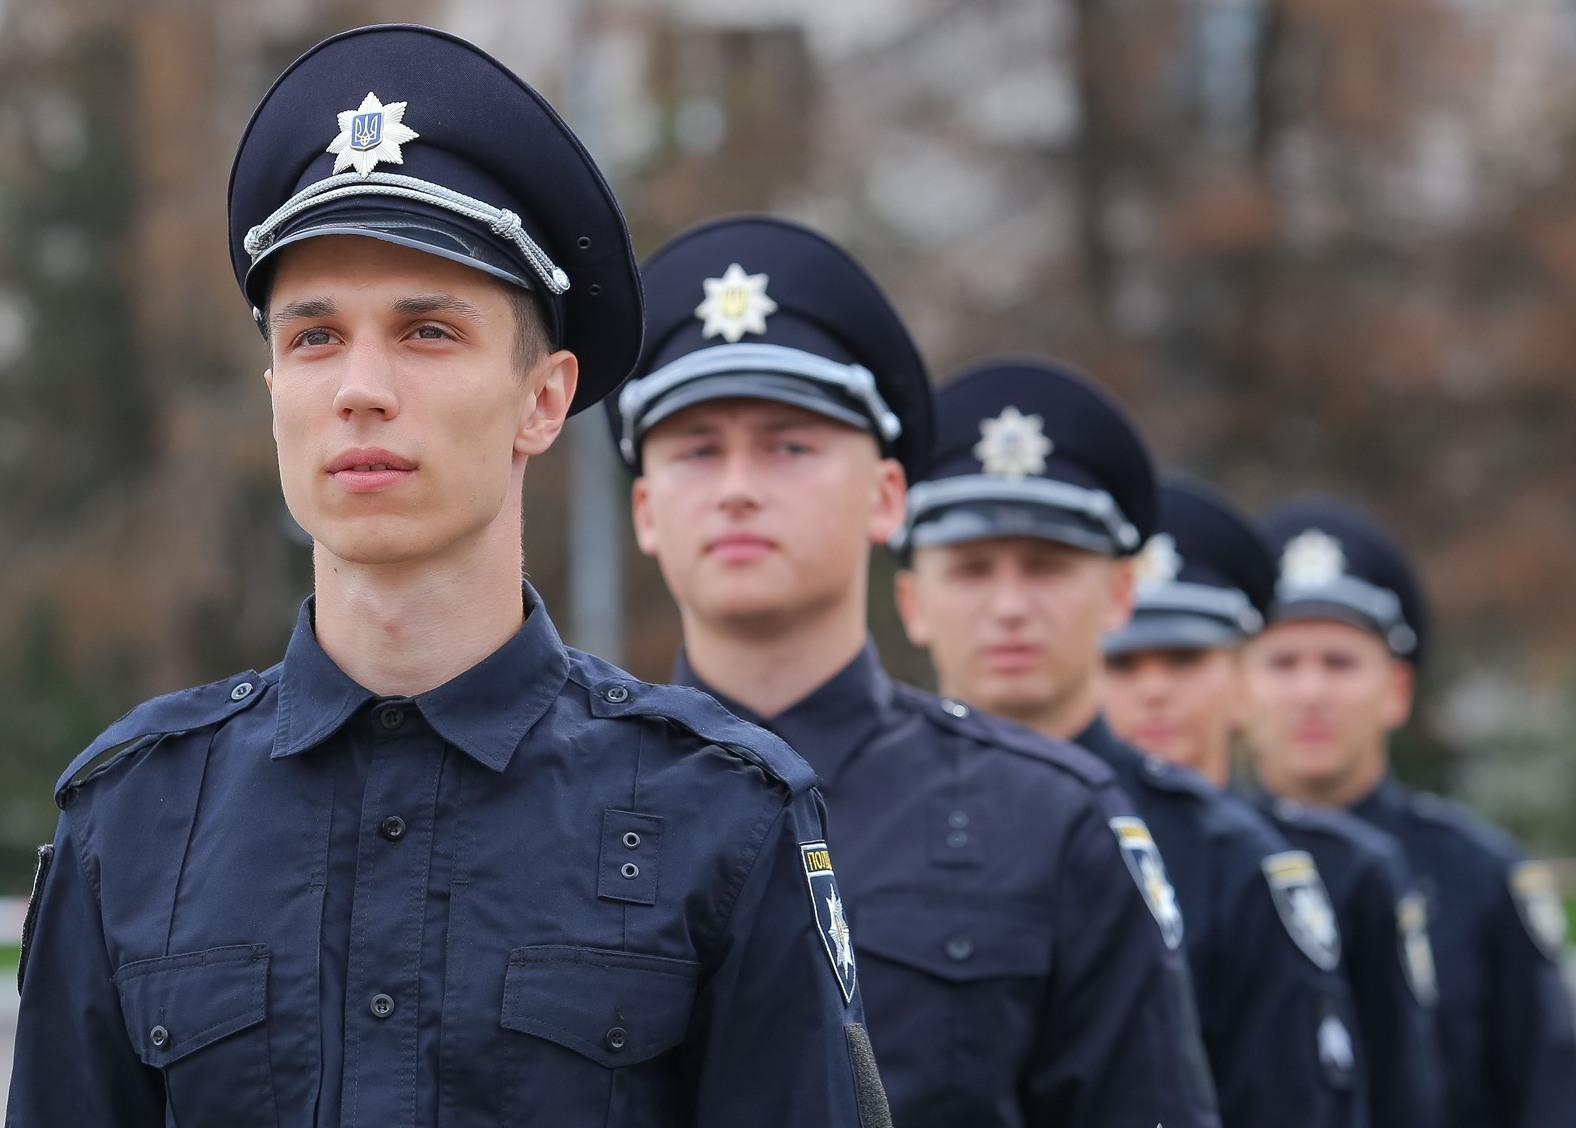 Нацполиции не хватает более 19 тысяч правоохранителей